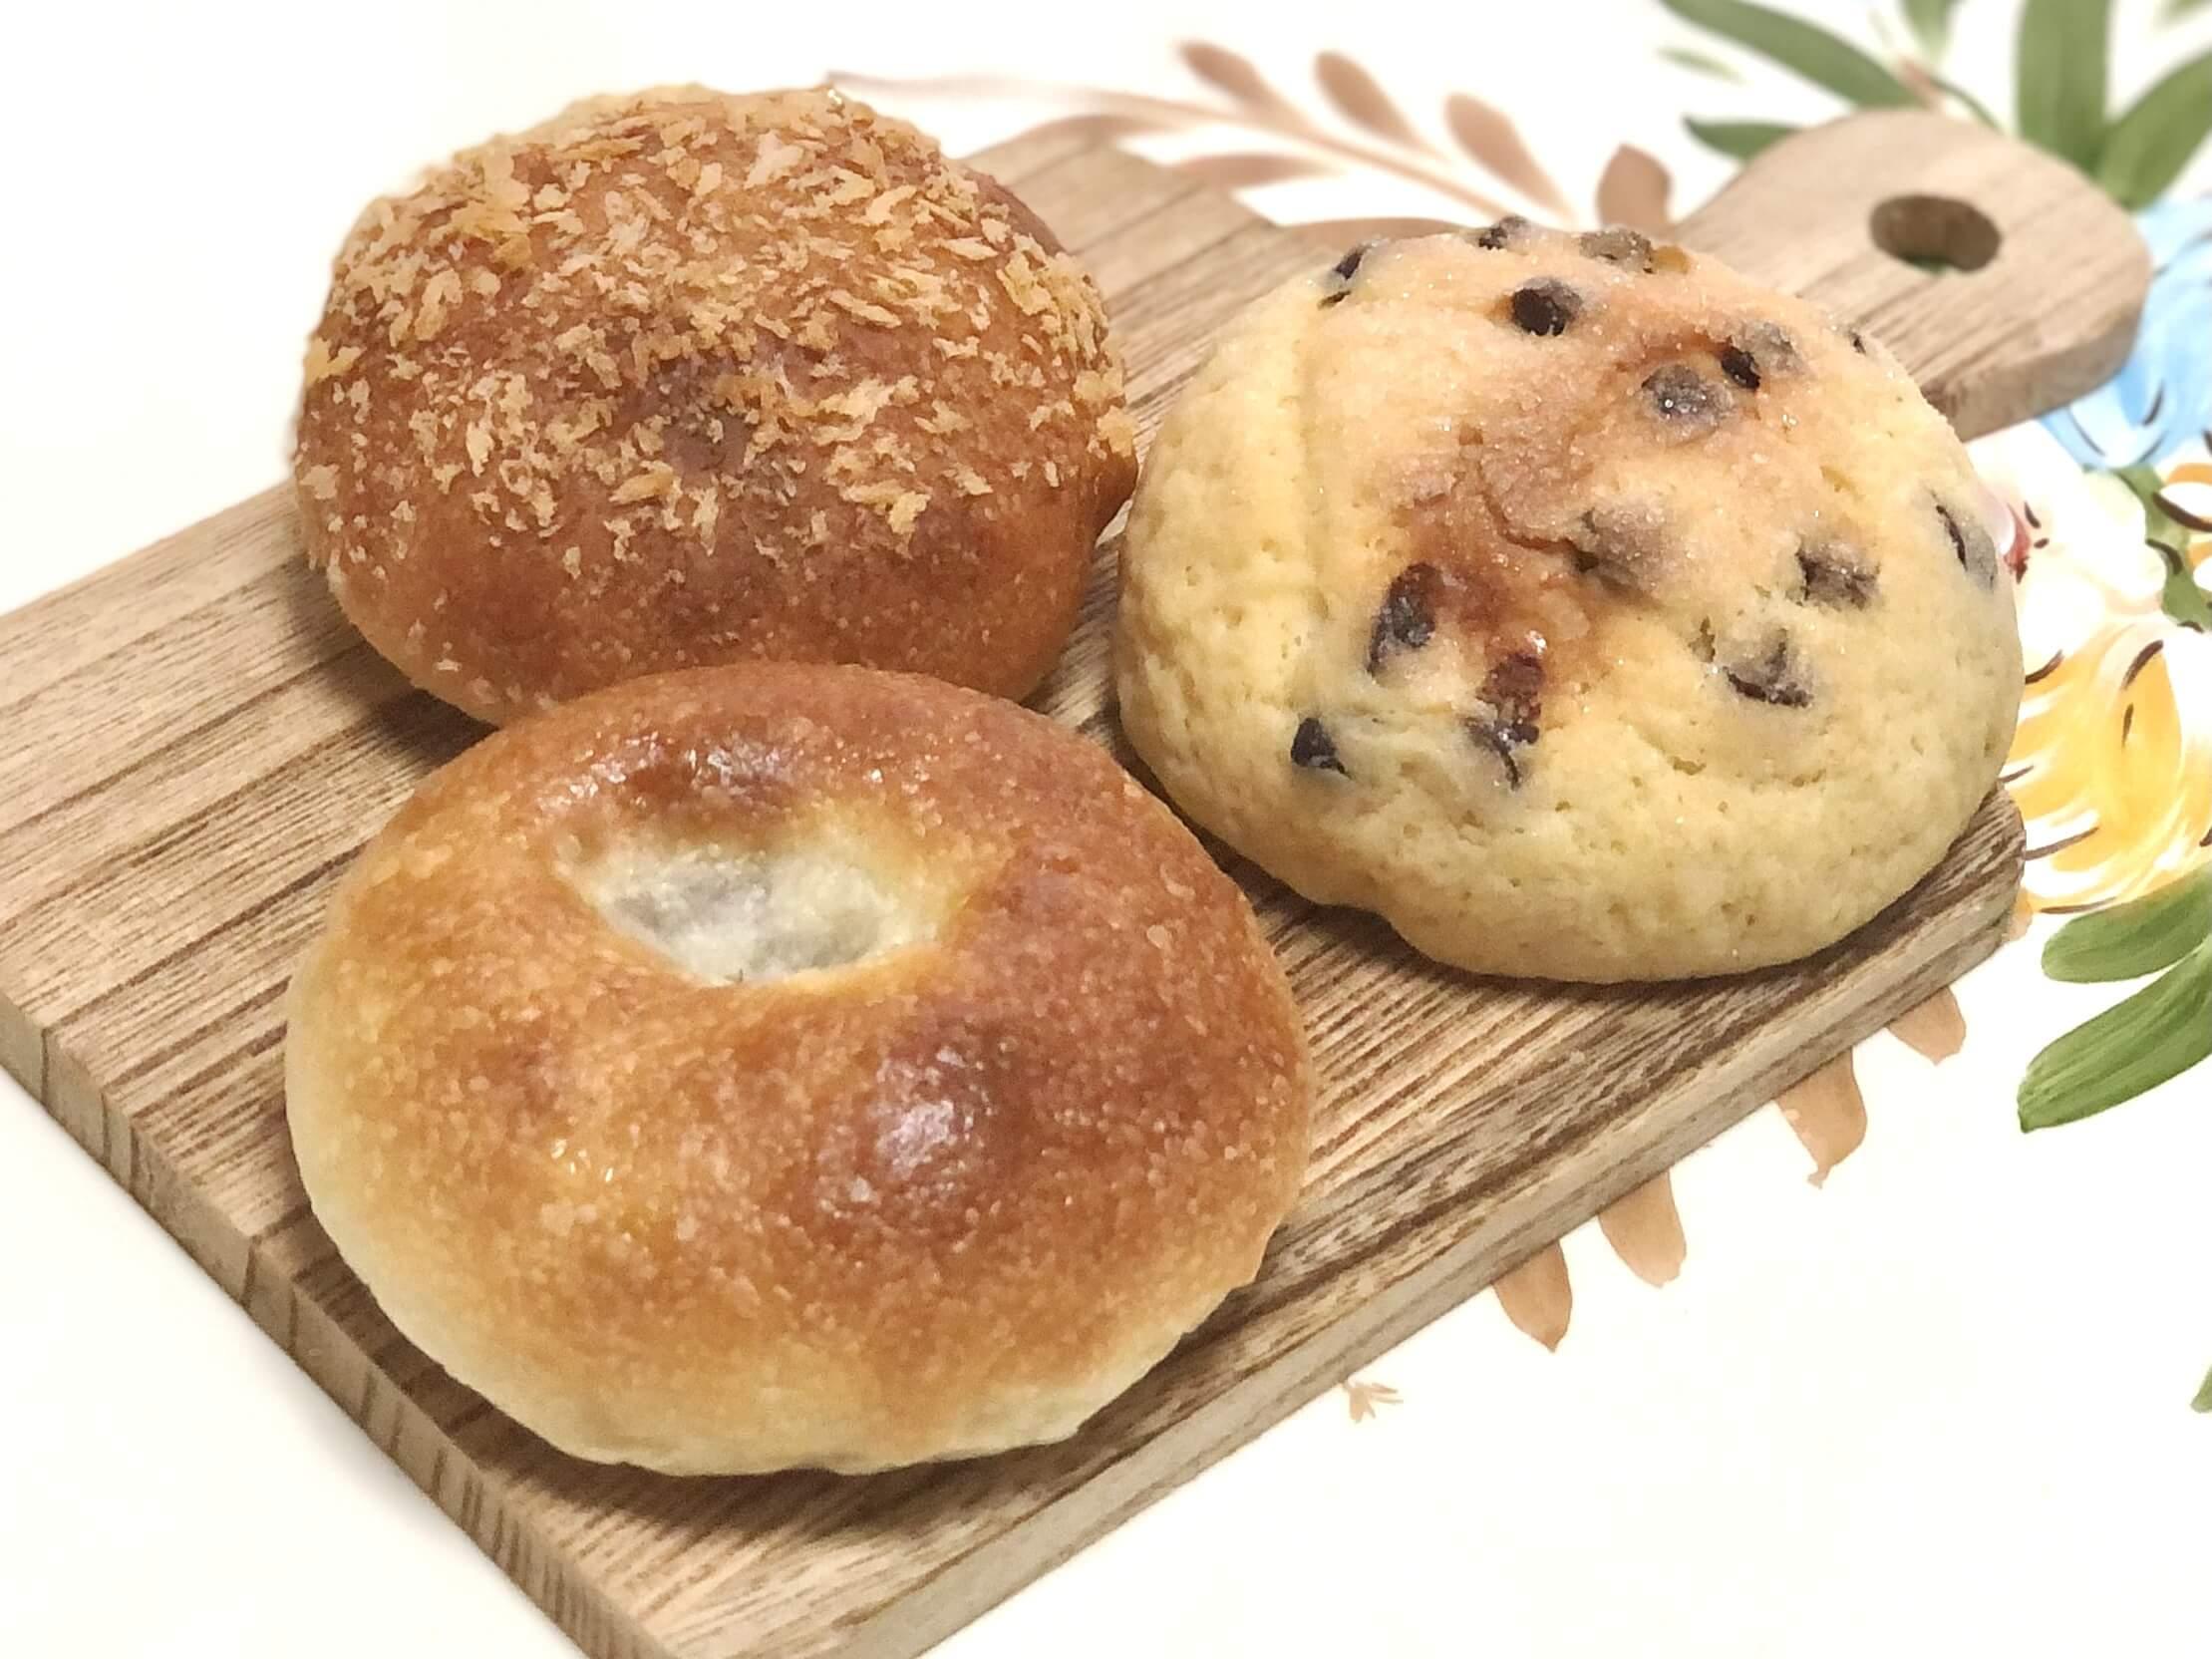 【PAIN DAIGO – パンダイゴ -】出来立てで温かいパンが並ぶ天然酵母のパンが勢ぞろい!《阿蘇郡南阿蘇村河陽》